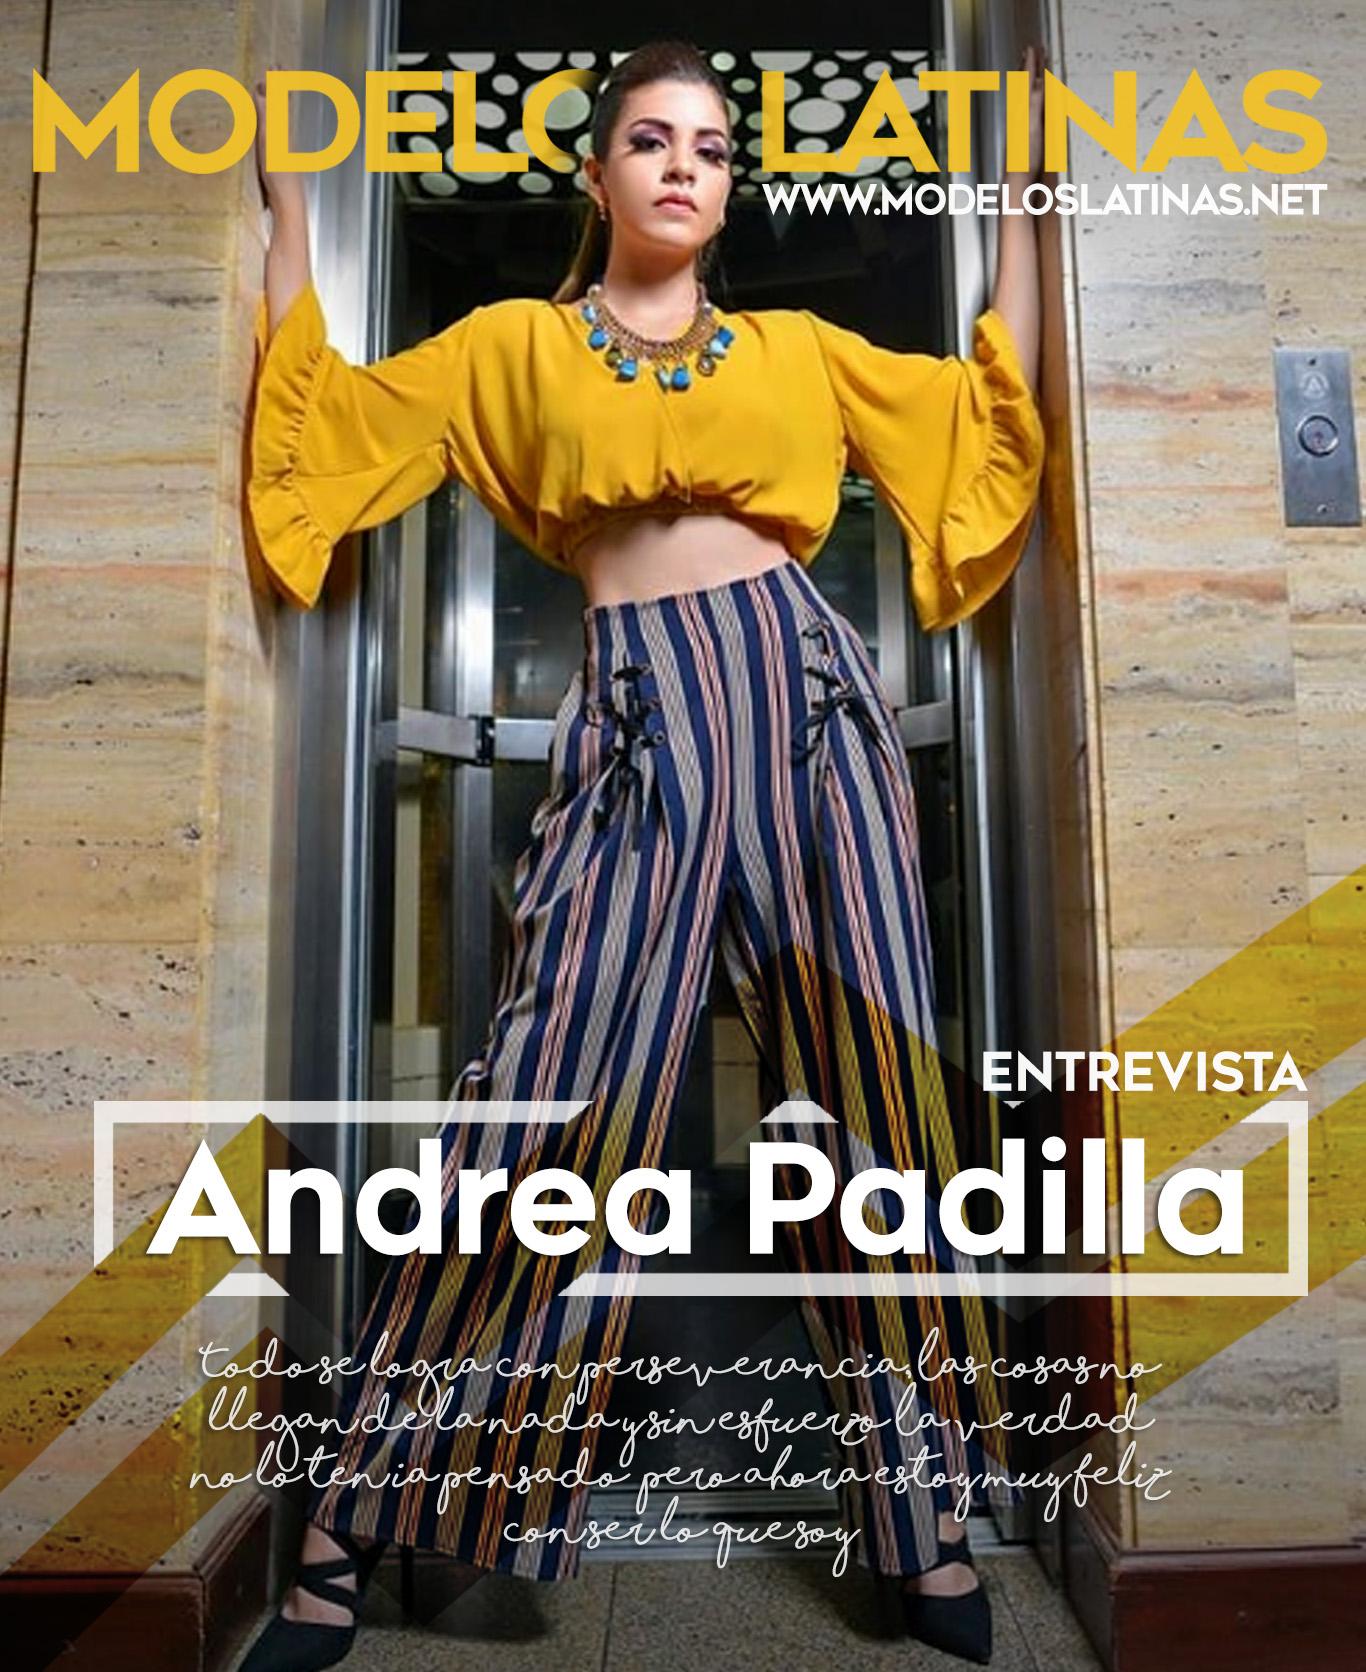 Andrea Padilla